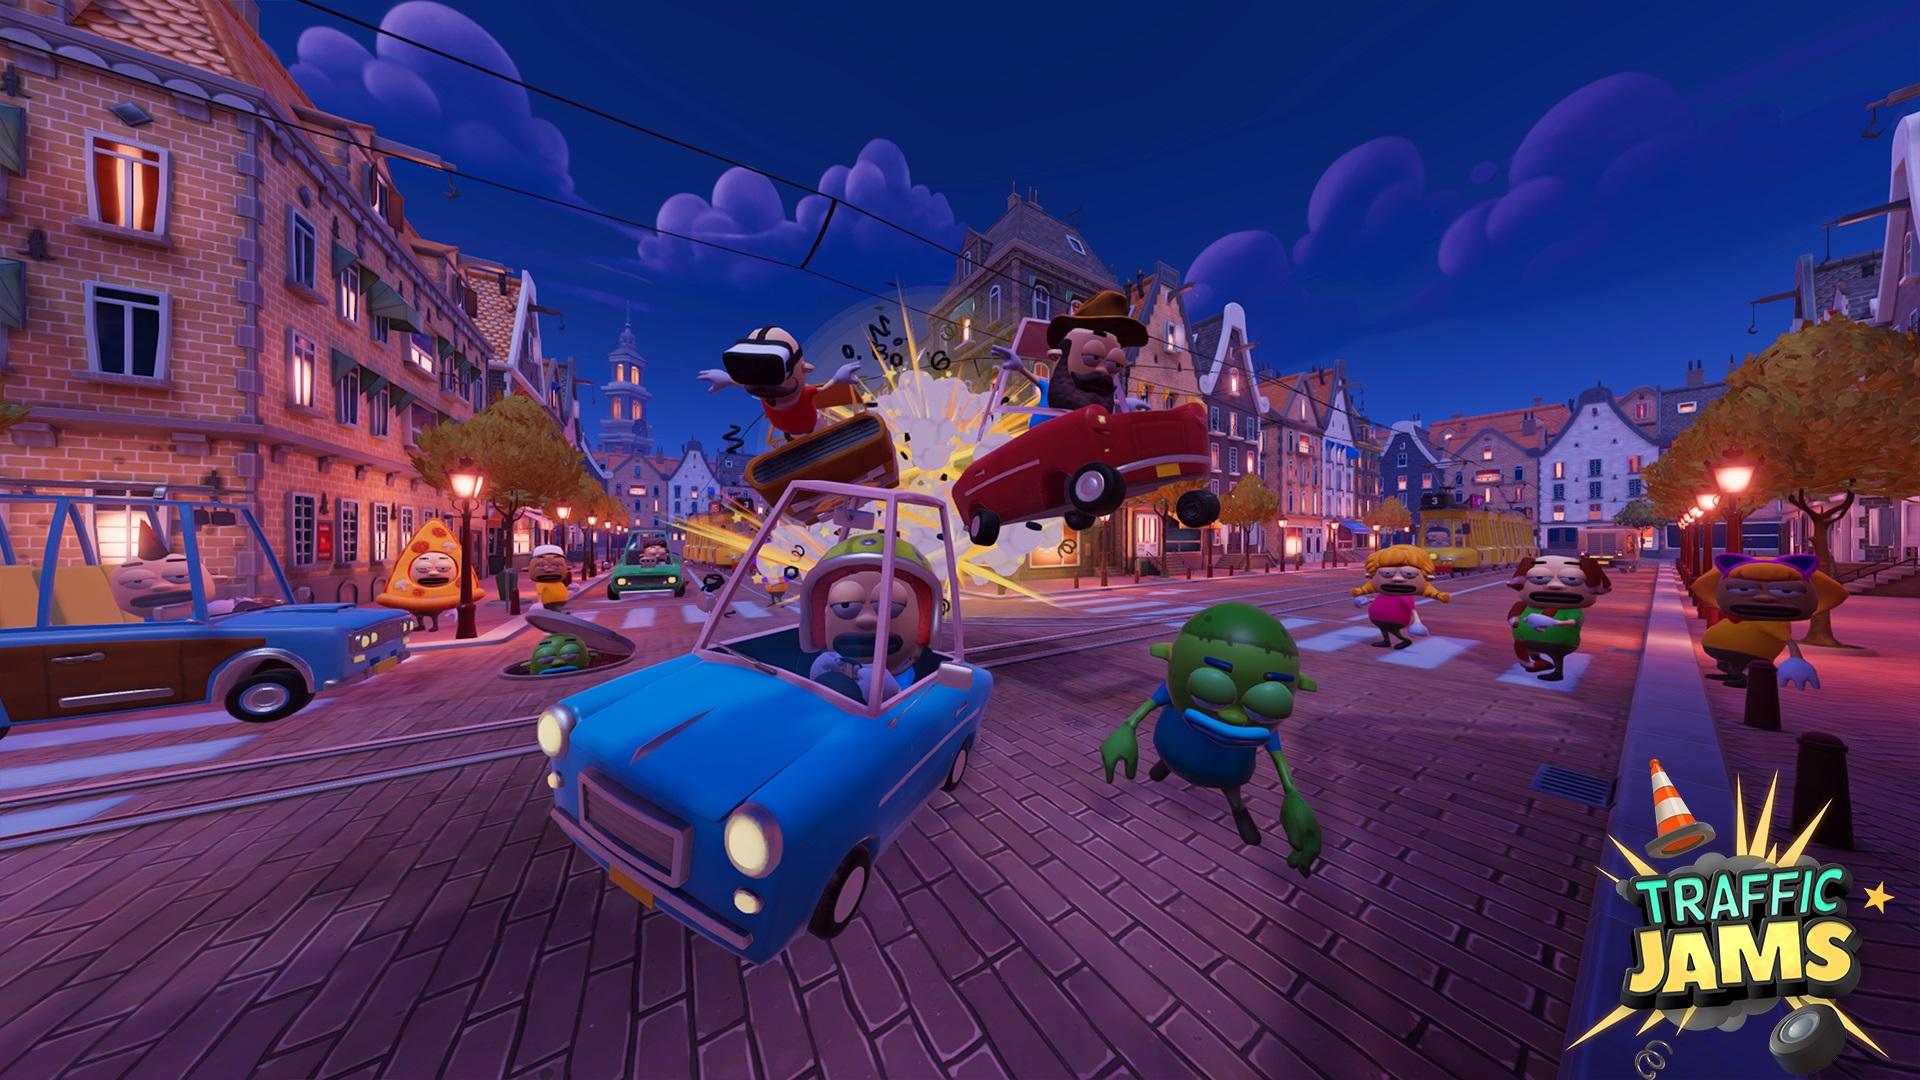 Chaotische VR-Simulation Traffic Jams verfügbar